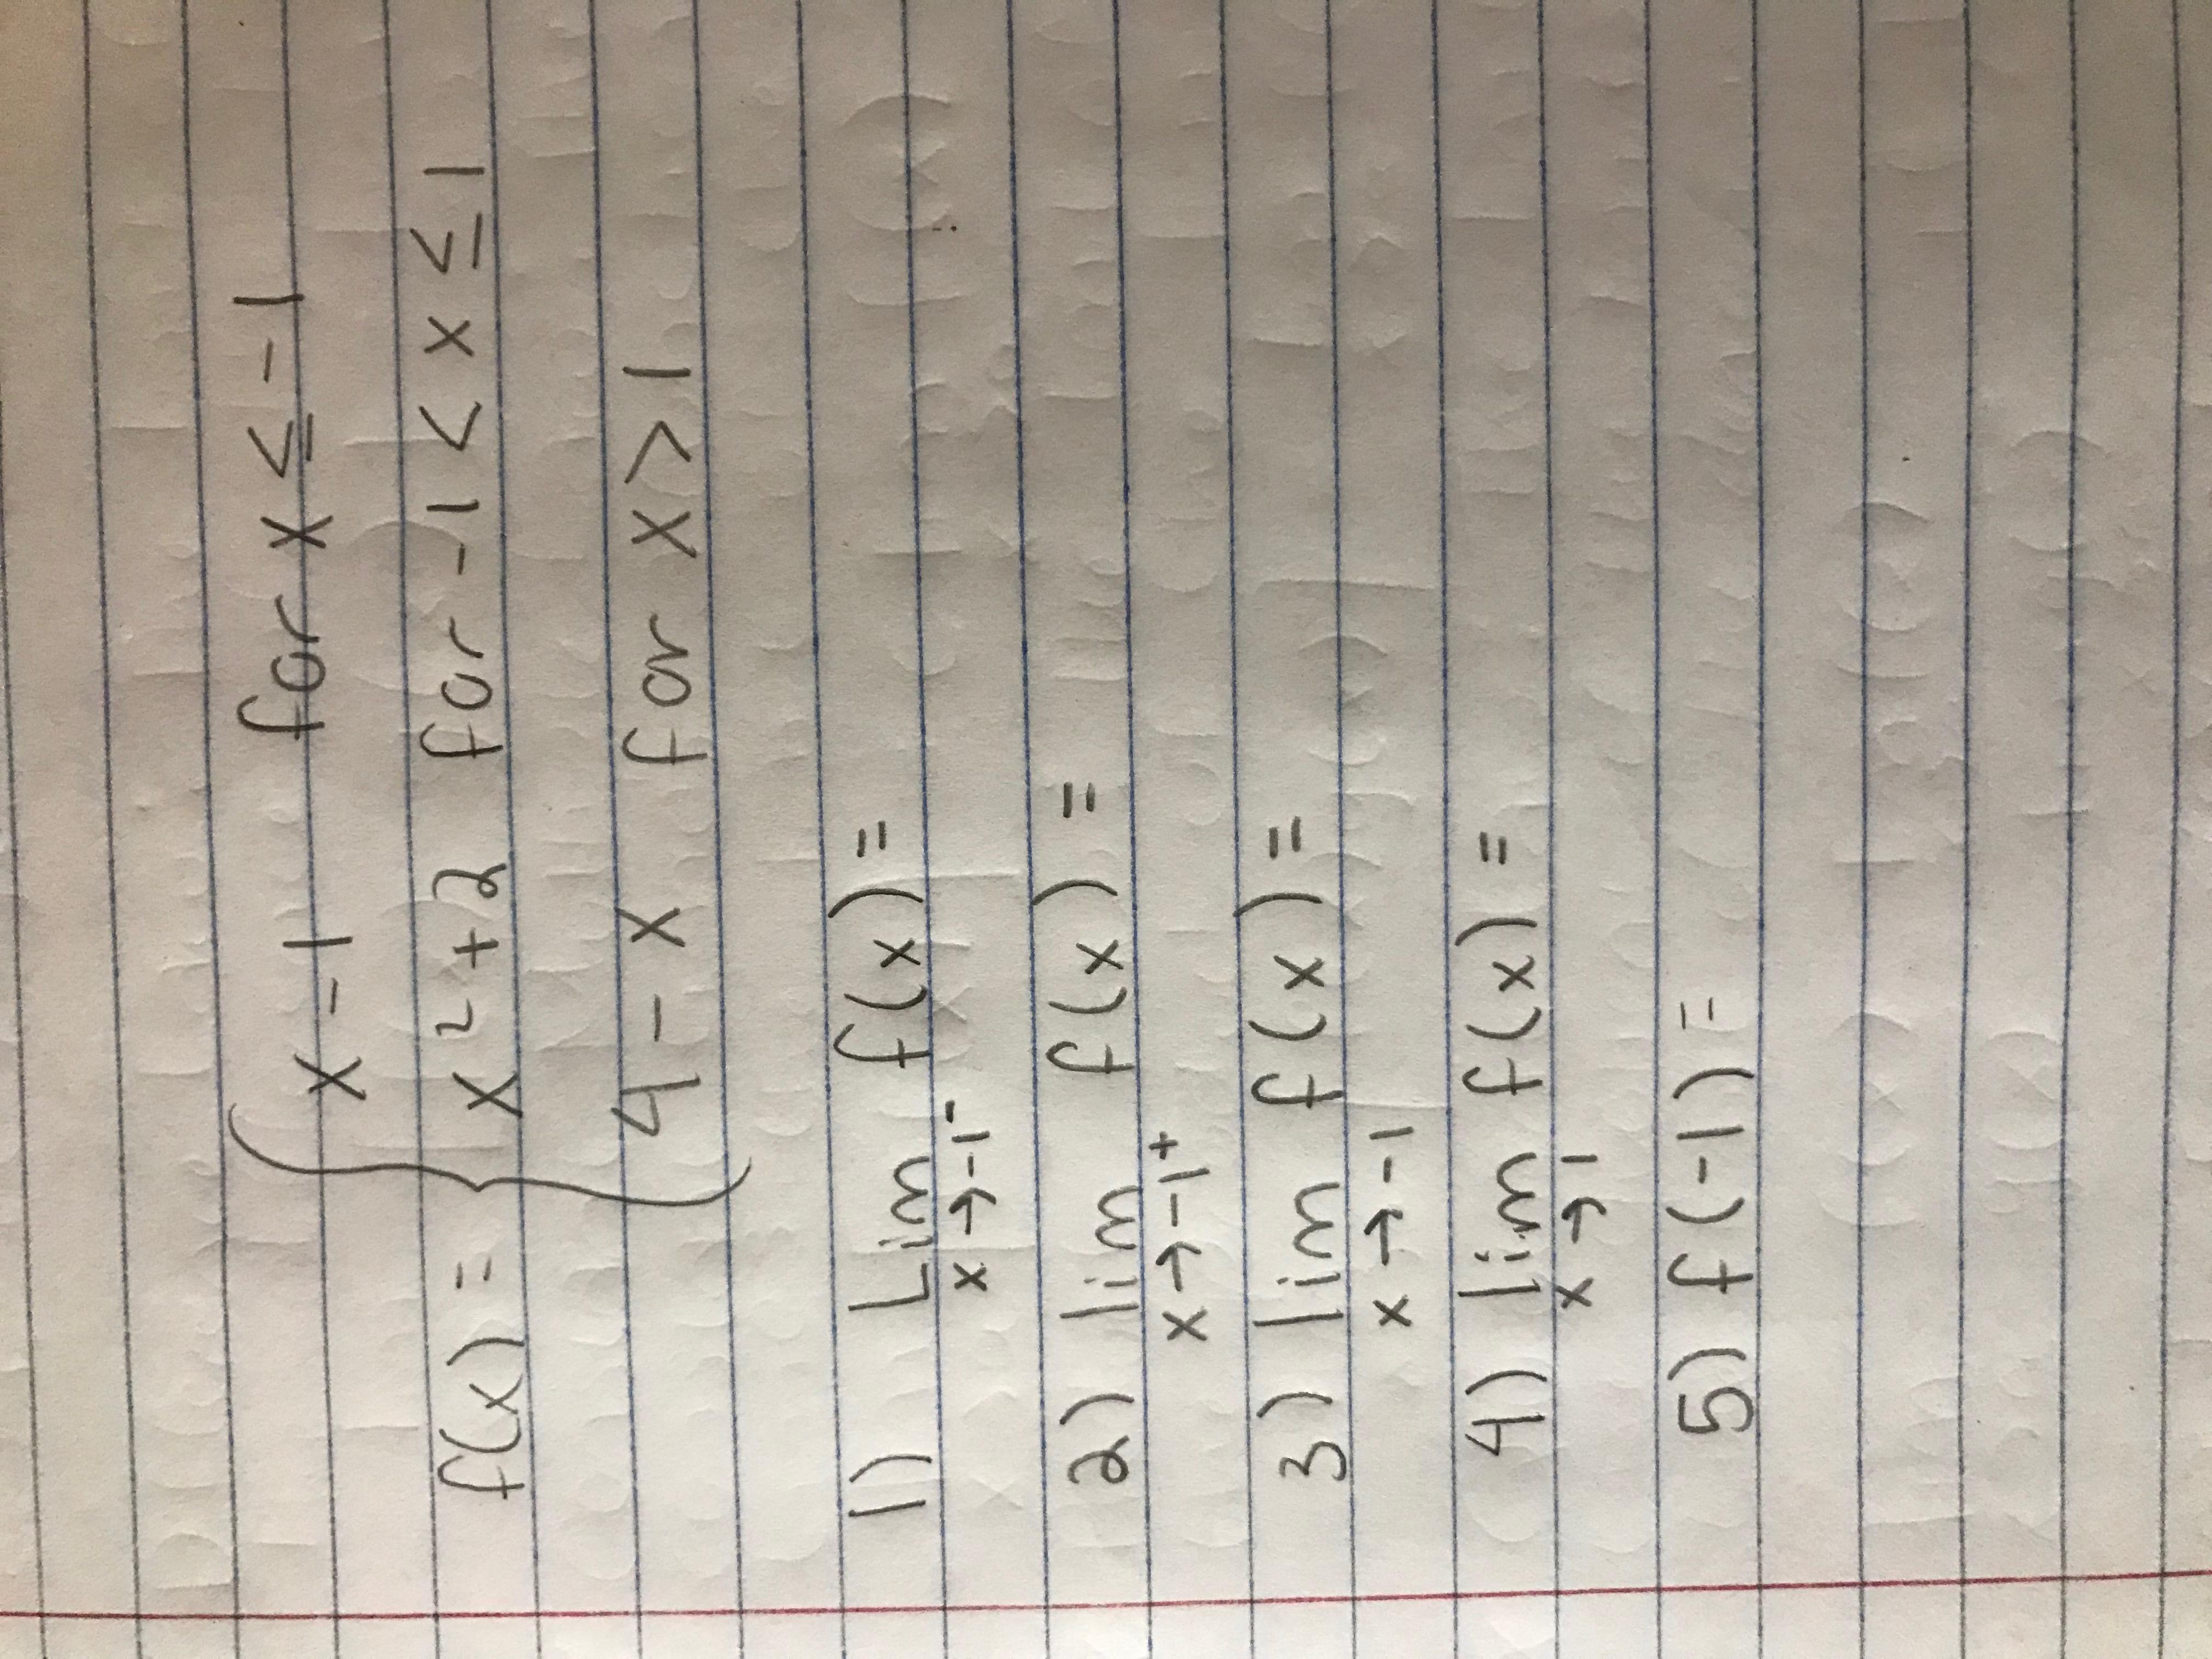 s- for x x-t X-+ -1<x< L +d X Xfor X> = Lim f(x) X X-1 flx) = a) lim 3) lim flx) x-1 4) lim f(x) 5) f(-I)E